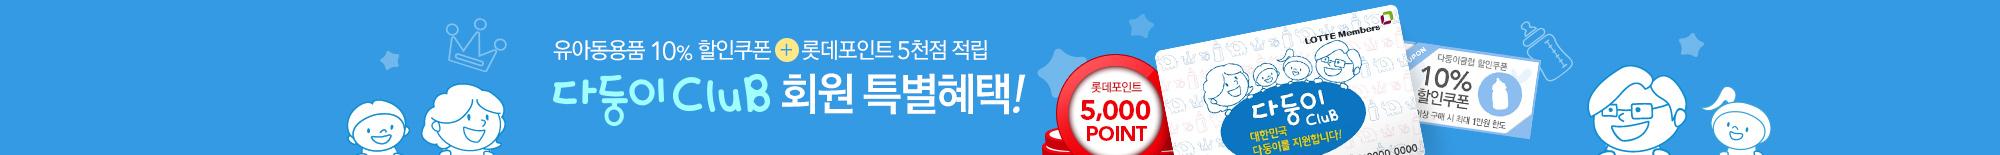 다둥이Club회원 롯데마트mall 특별혜택!